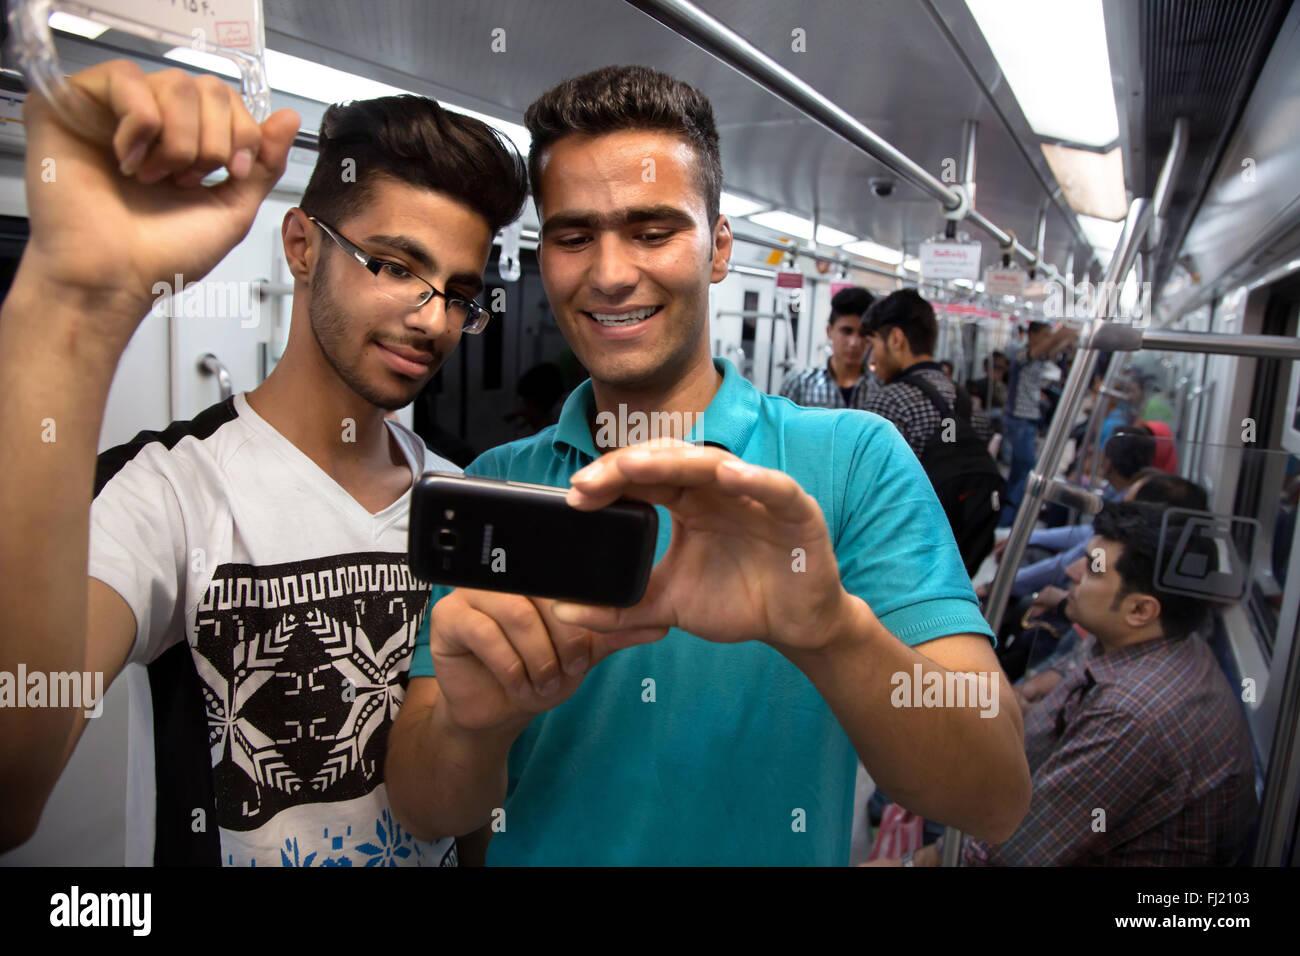 Selfie männer Studie: Selfie